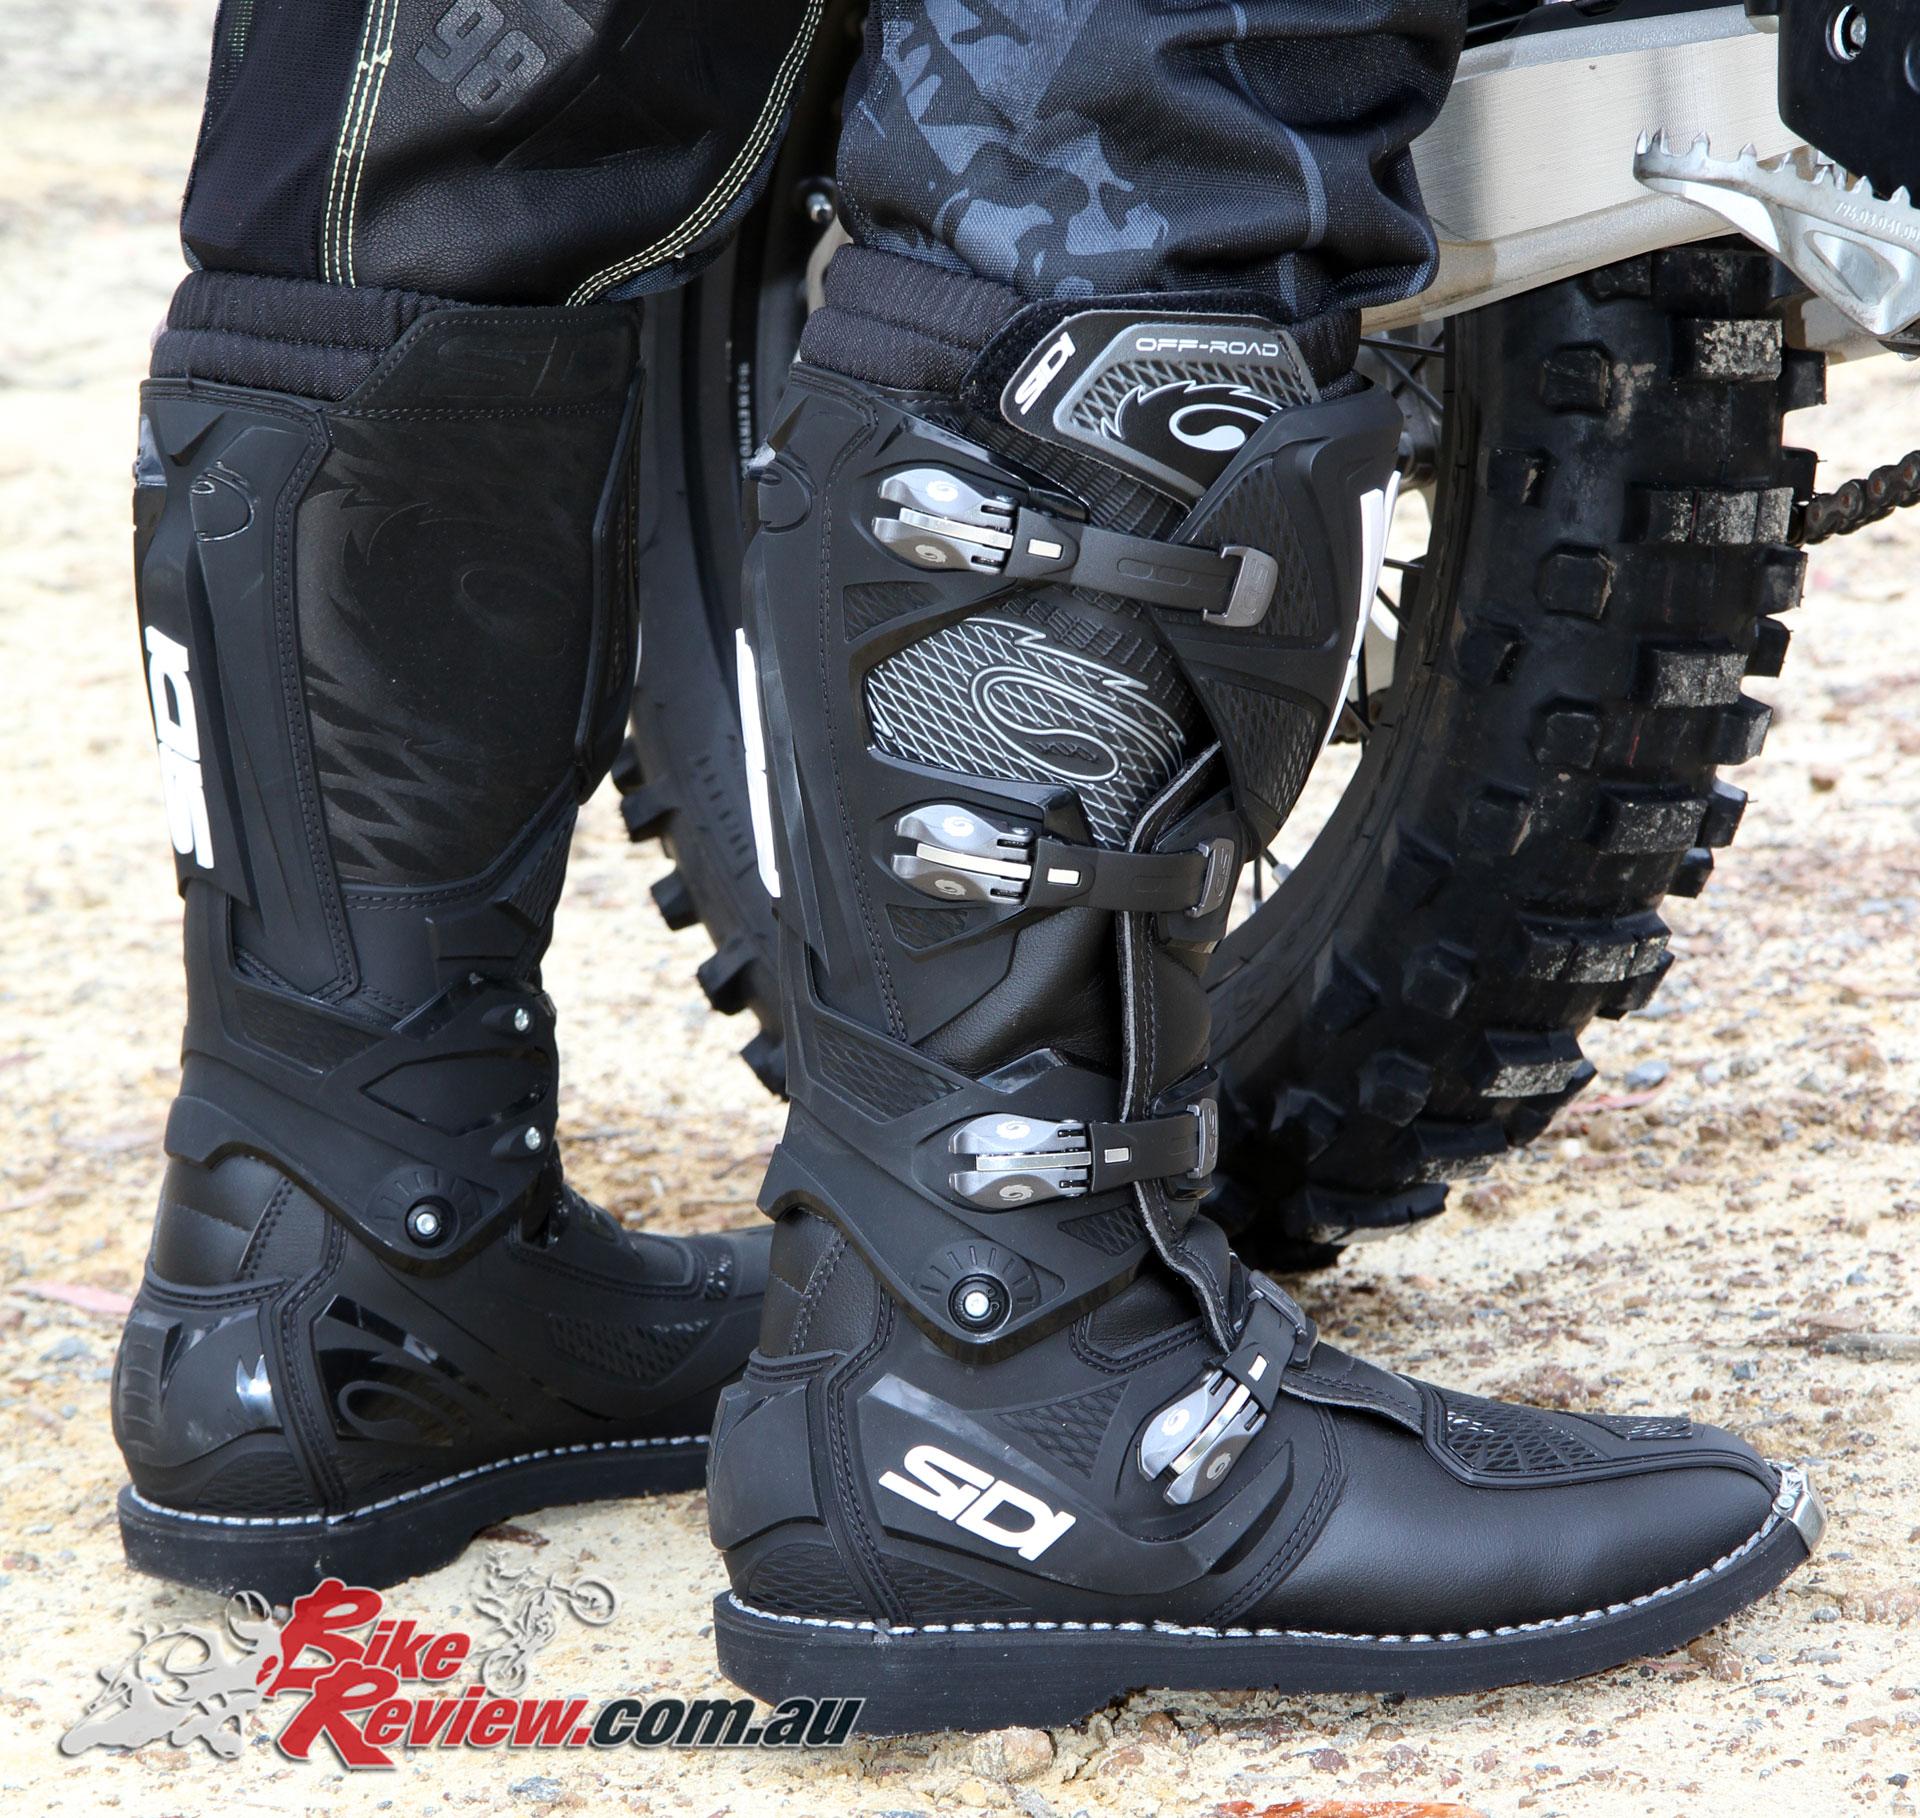 Sidi X-3 Off-Road Boots